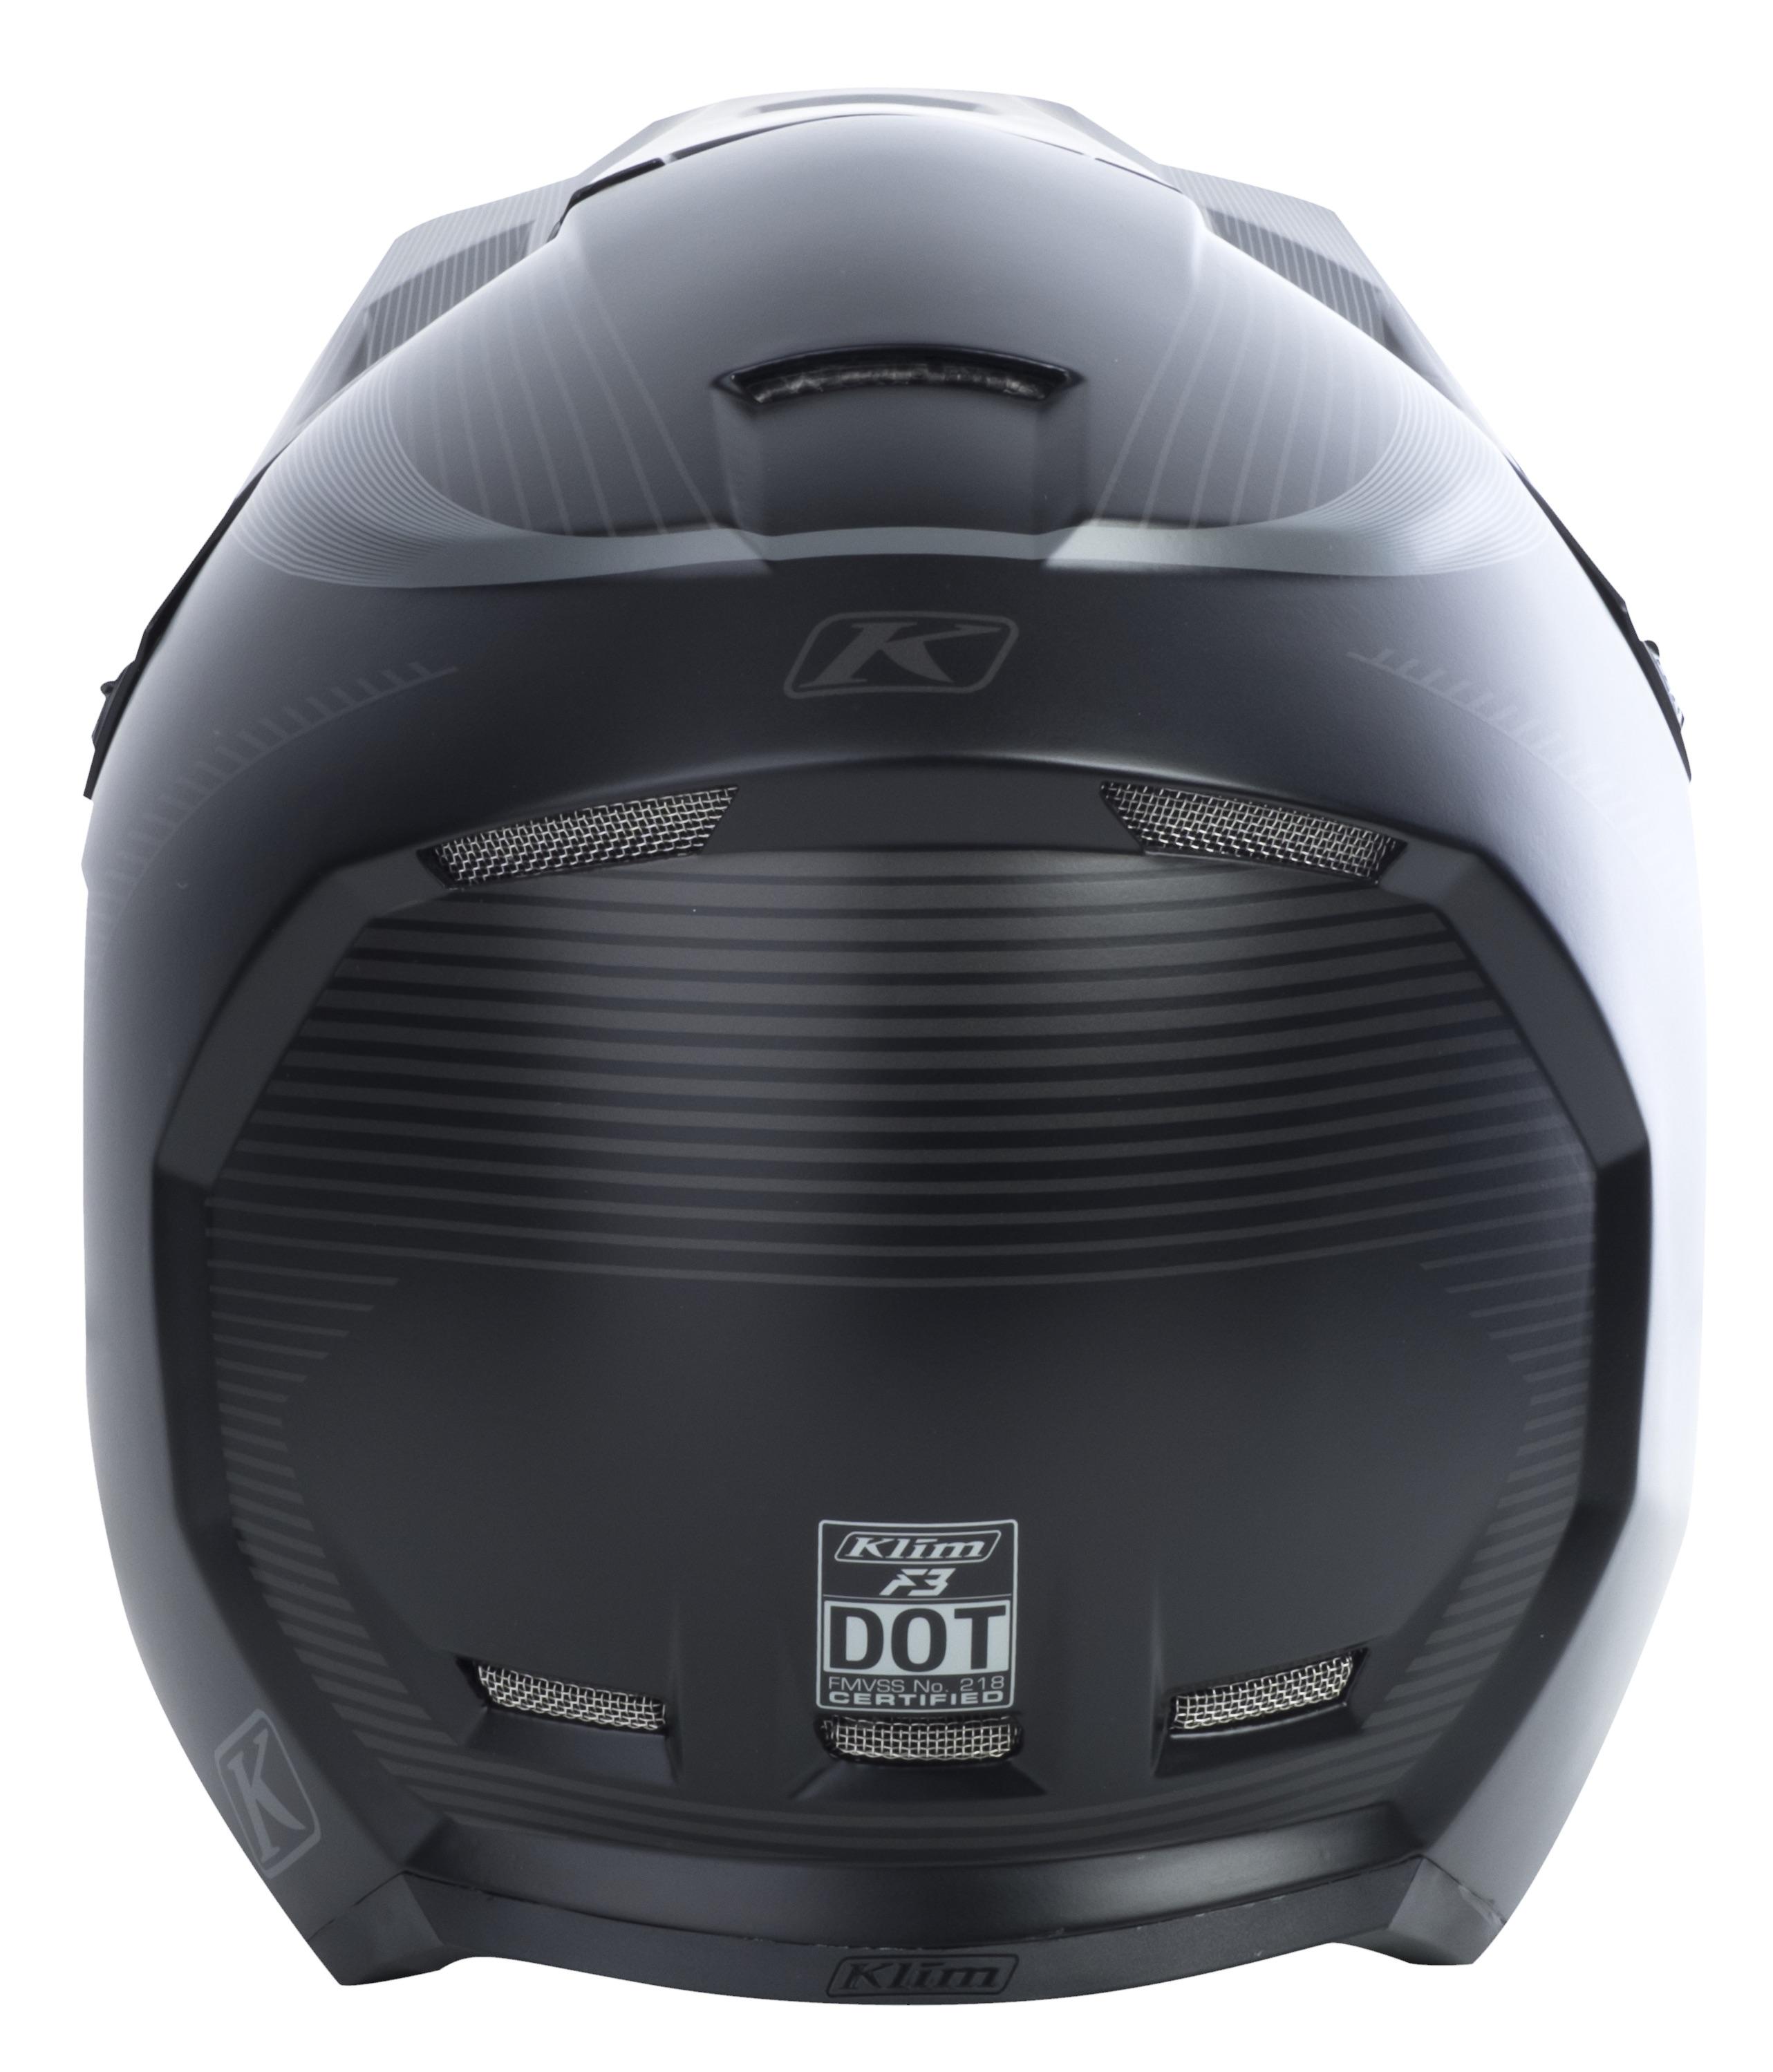 f3-helmet-3110-000_black-stealth_05